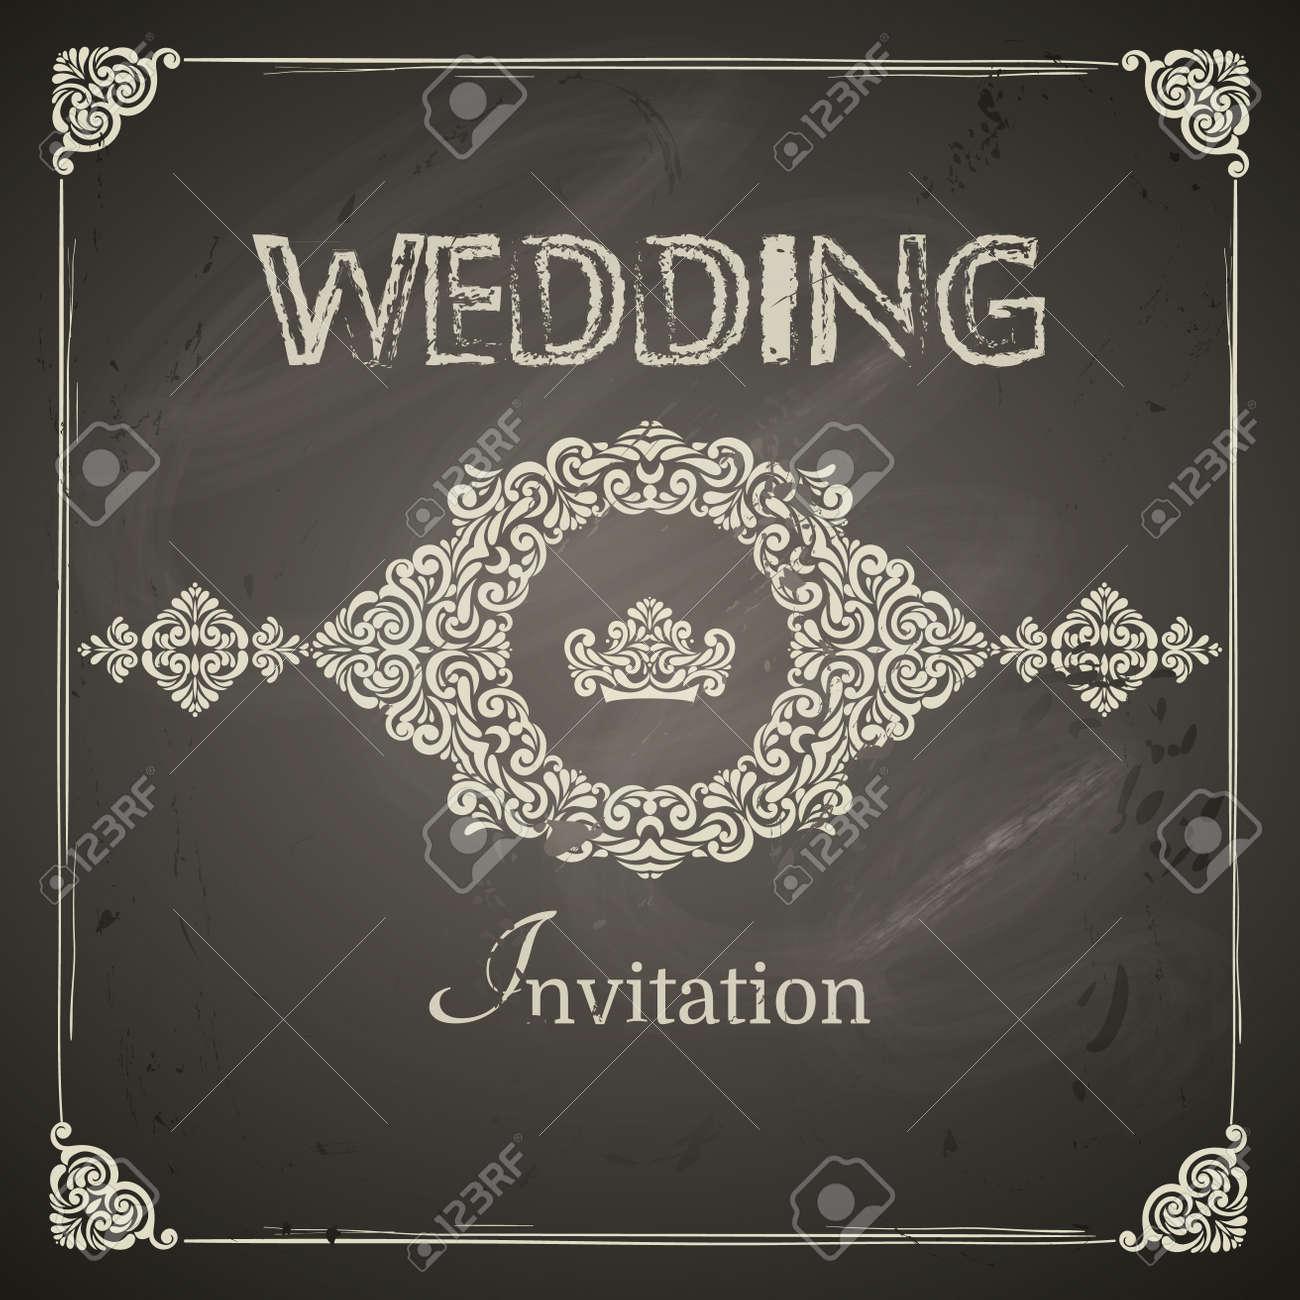 Vector   Vintage Wedding Frames, Border And Design Elements. Easy To Use. Chalkboard  Design